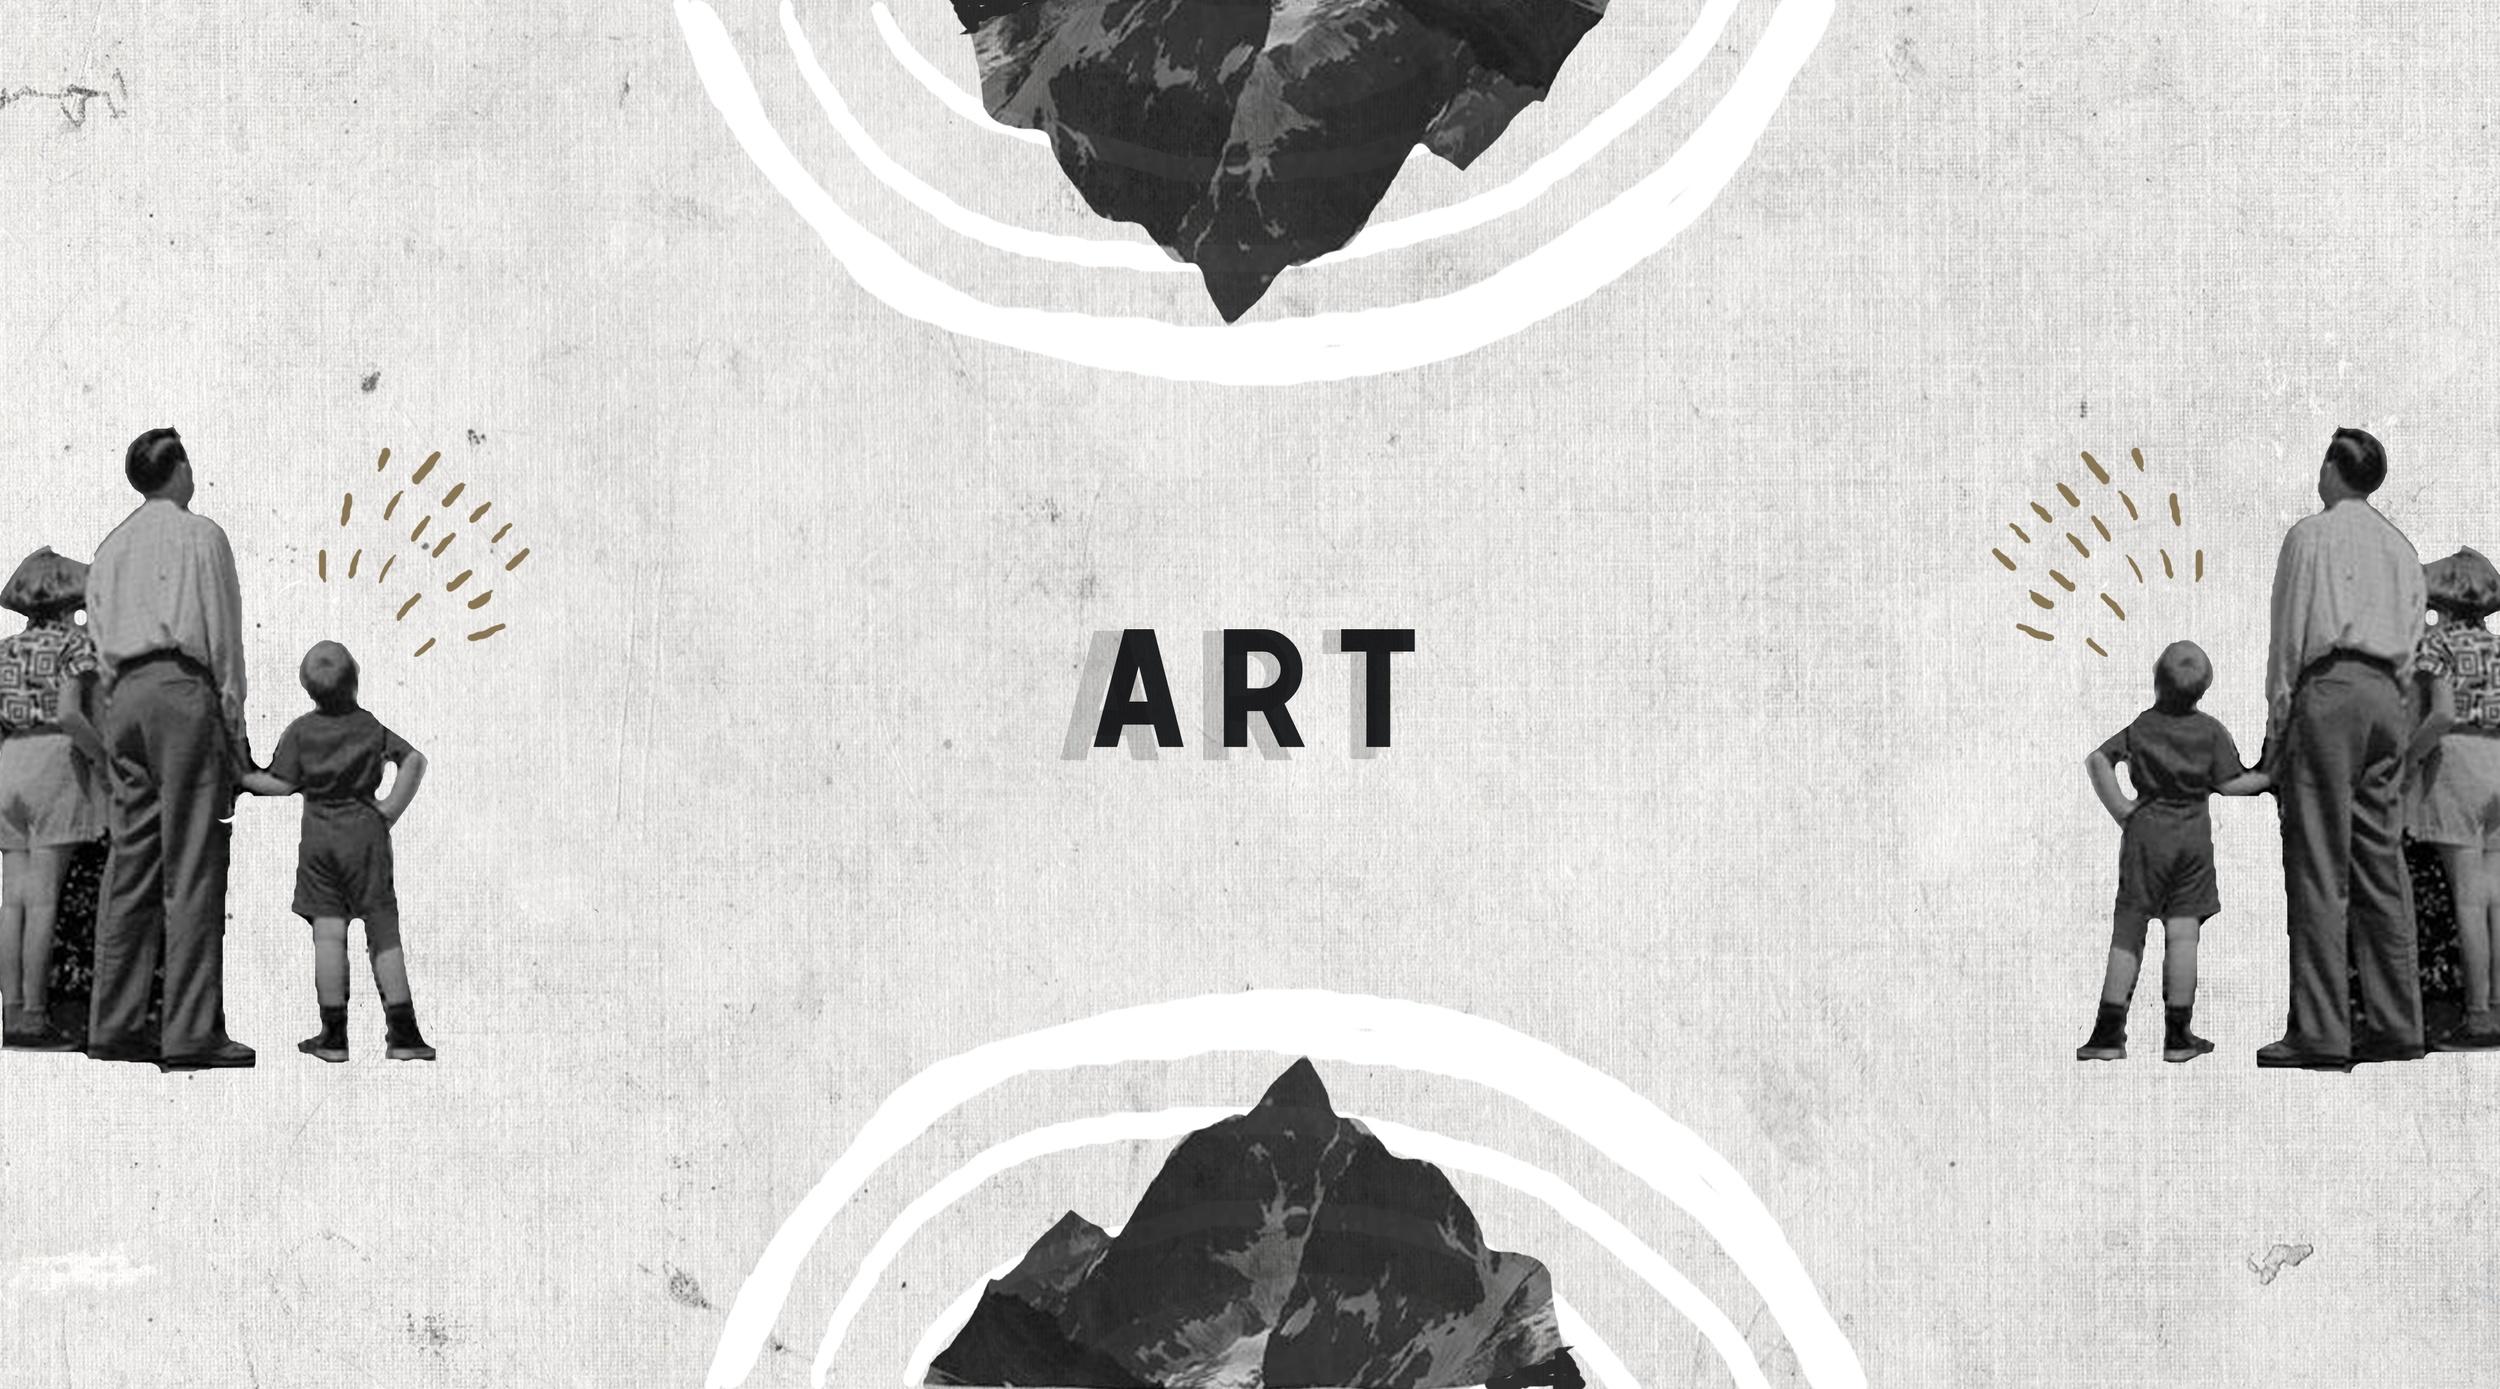 art_BG3.jpg